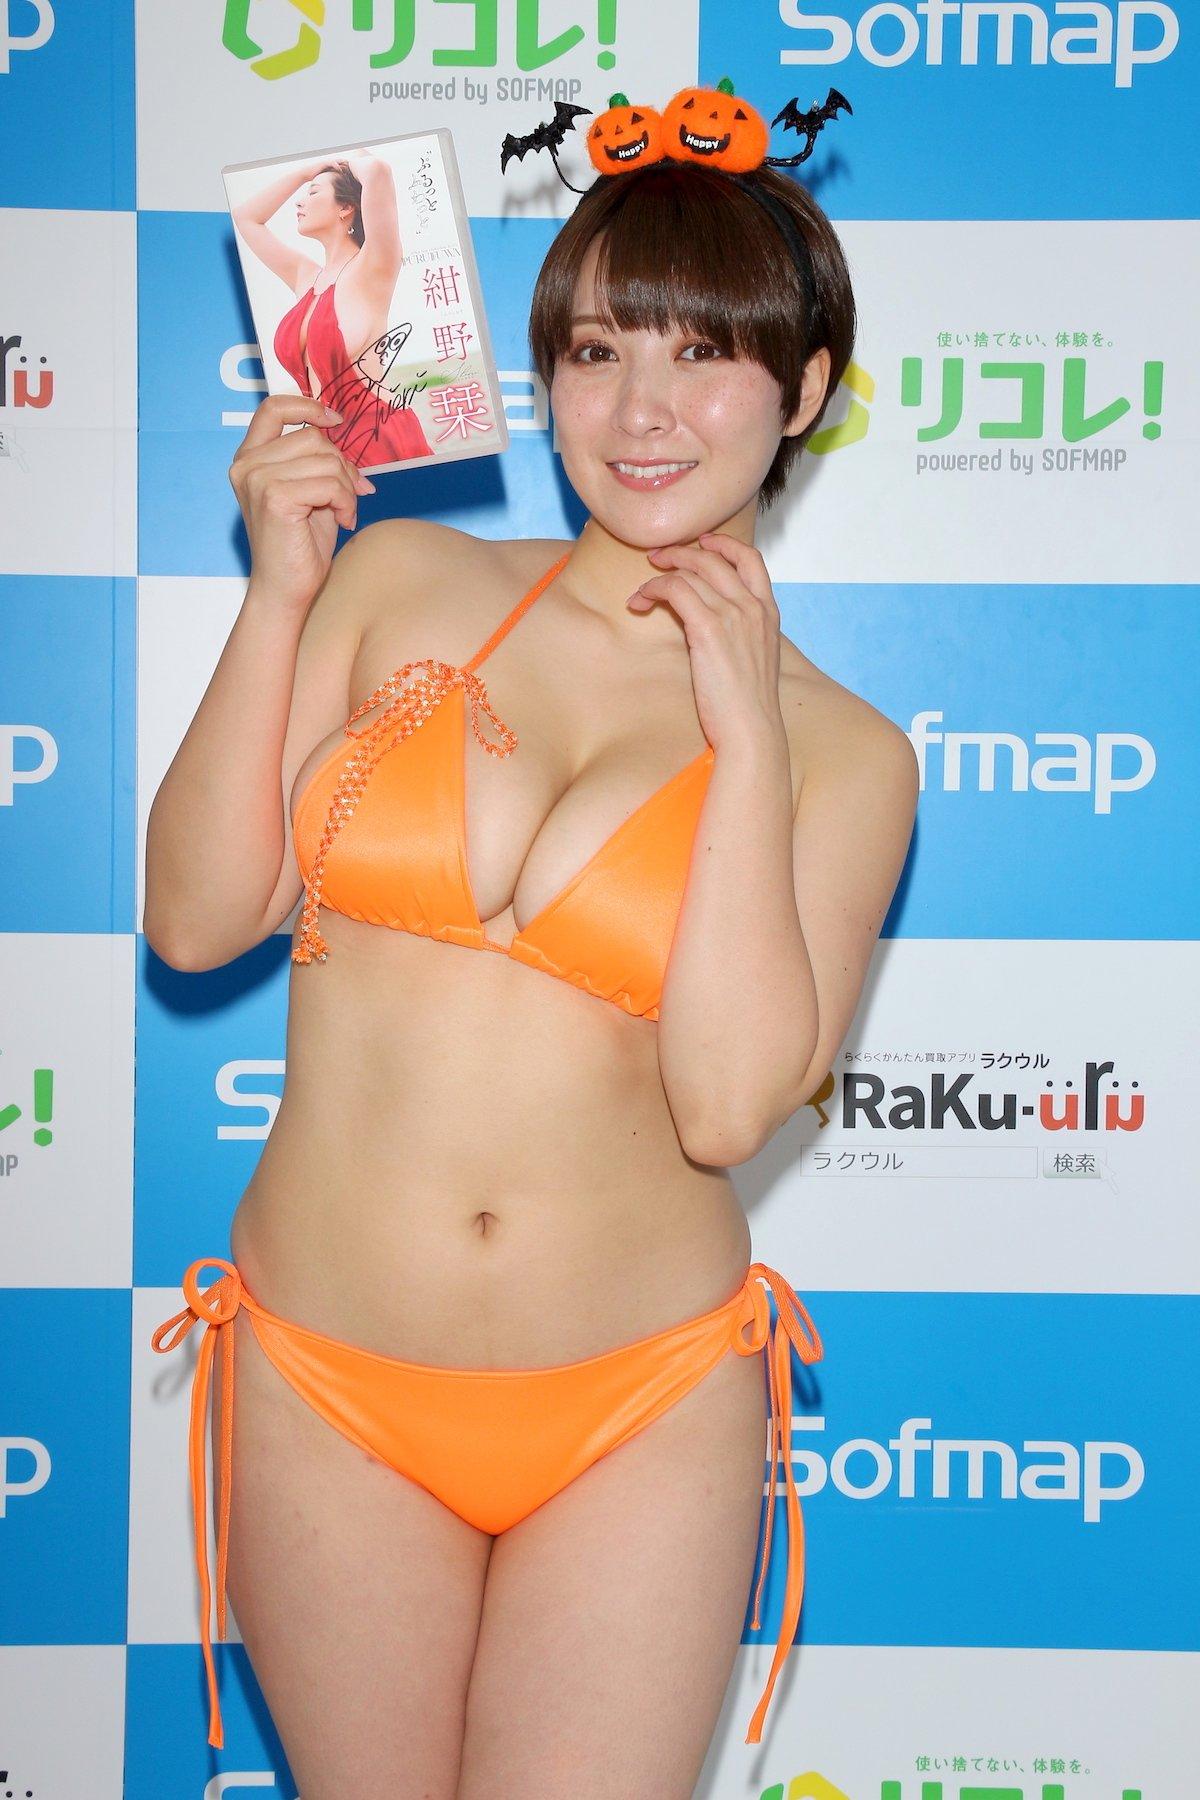 紺野栞「SM嬢に初挑戦」ムチを覚えて感動しました【画像49枚】の画像040